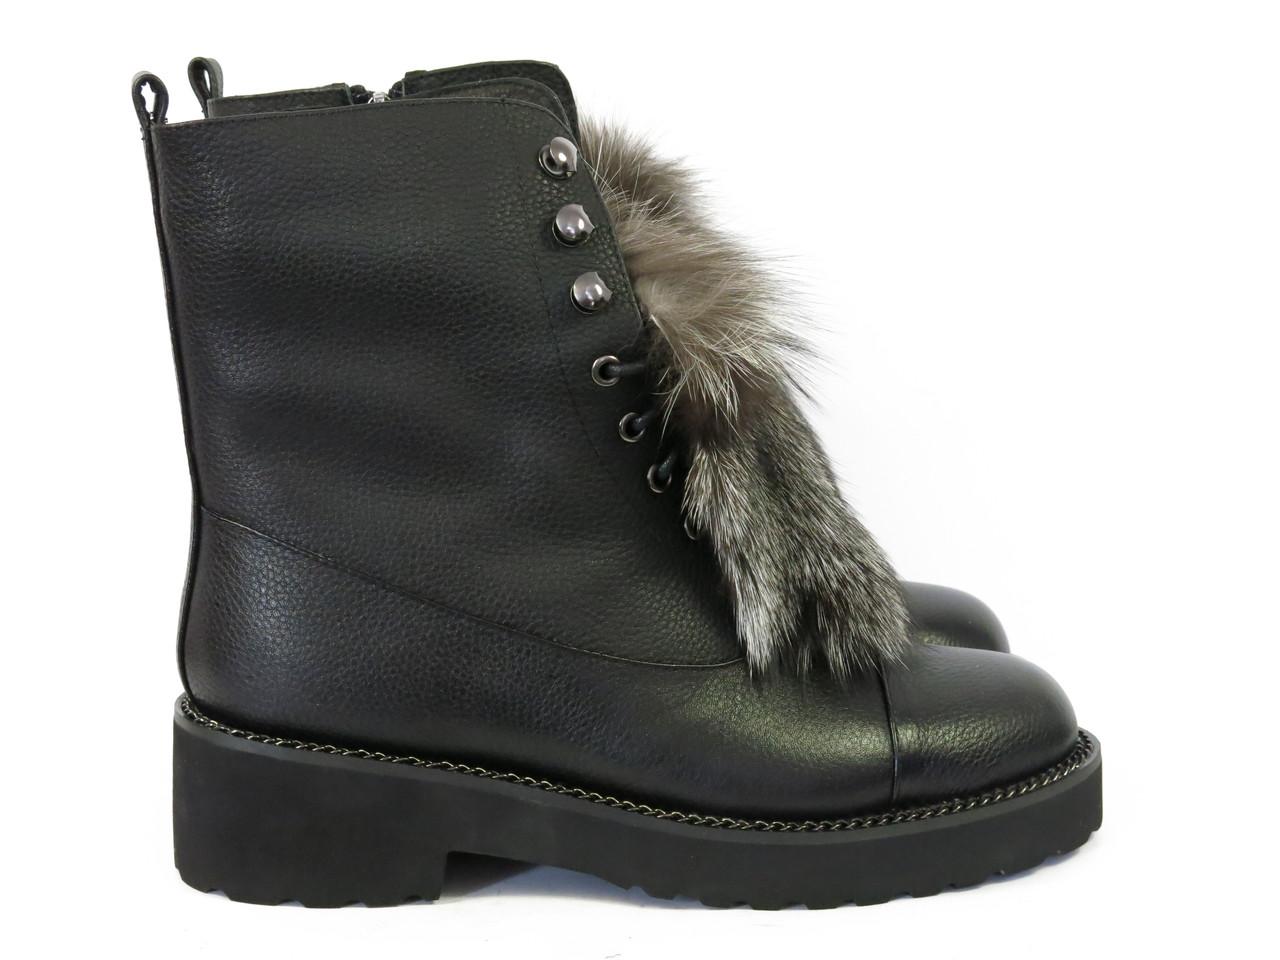 bf3d17fc18ee Зимние женские ботинки с мехом сверху